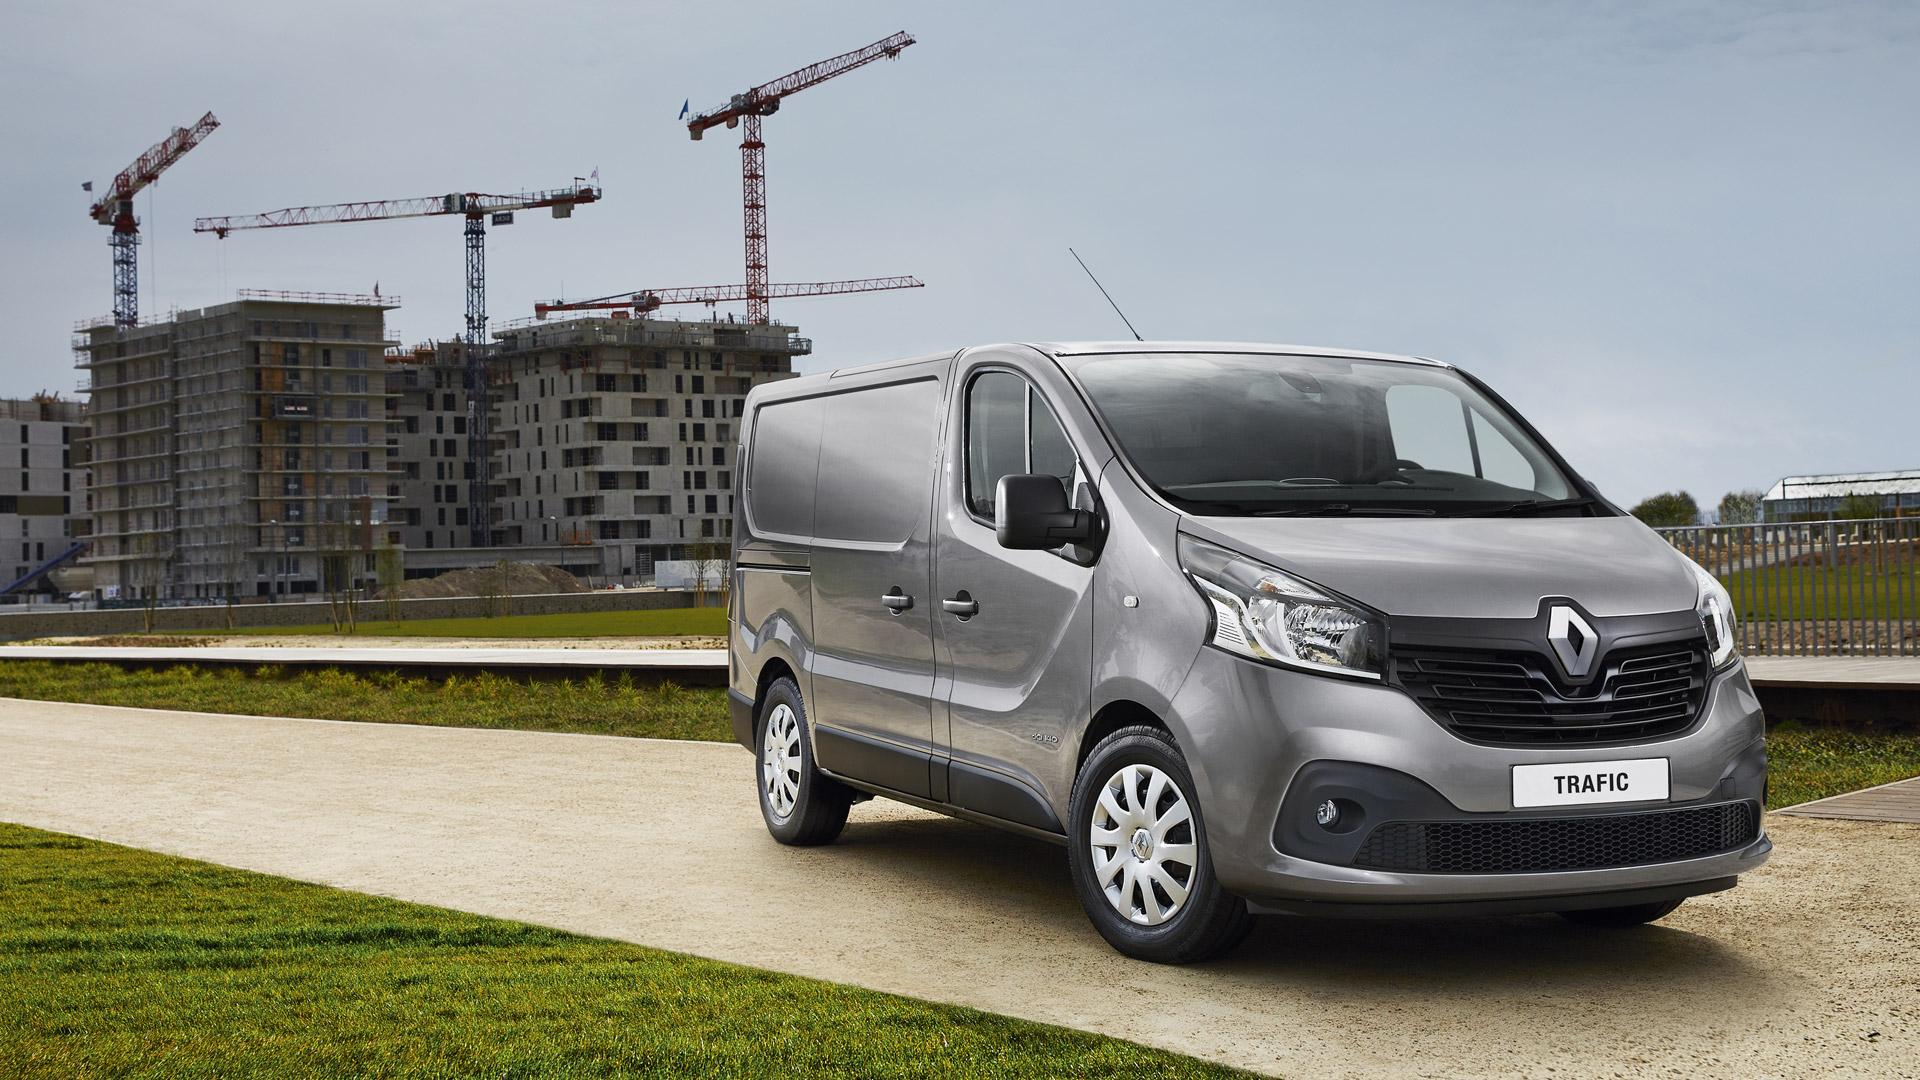 Le nouveau Renault Trafic est disponible chez Lerat Location